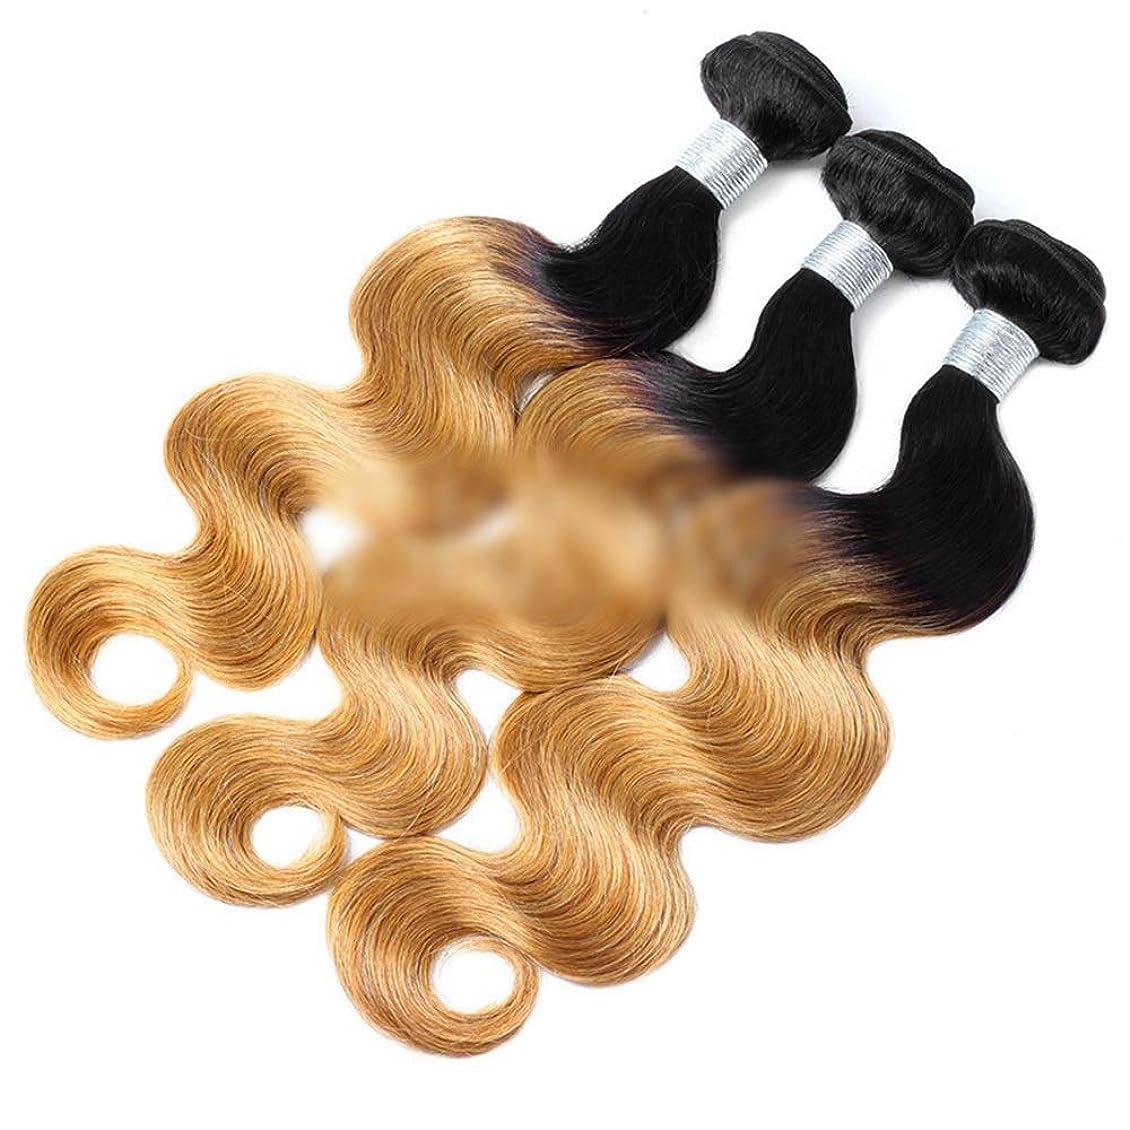 幻想木材命題HOHYLLYA ブラジルのオンブル人間の髪の実体波の髪の束 - T6#ダークルーツグラデーションブロンドヘアエクステンション(12インチ-24インチ)ビッグウェーブウィッグウィッグ (色 : Blonde, サイズ : 18 inch)